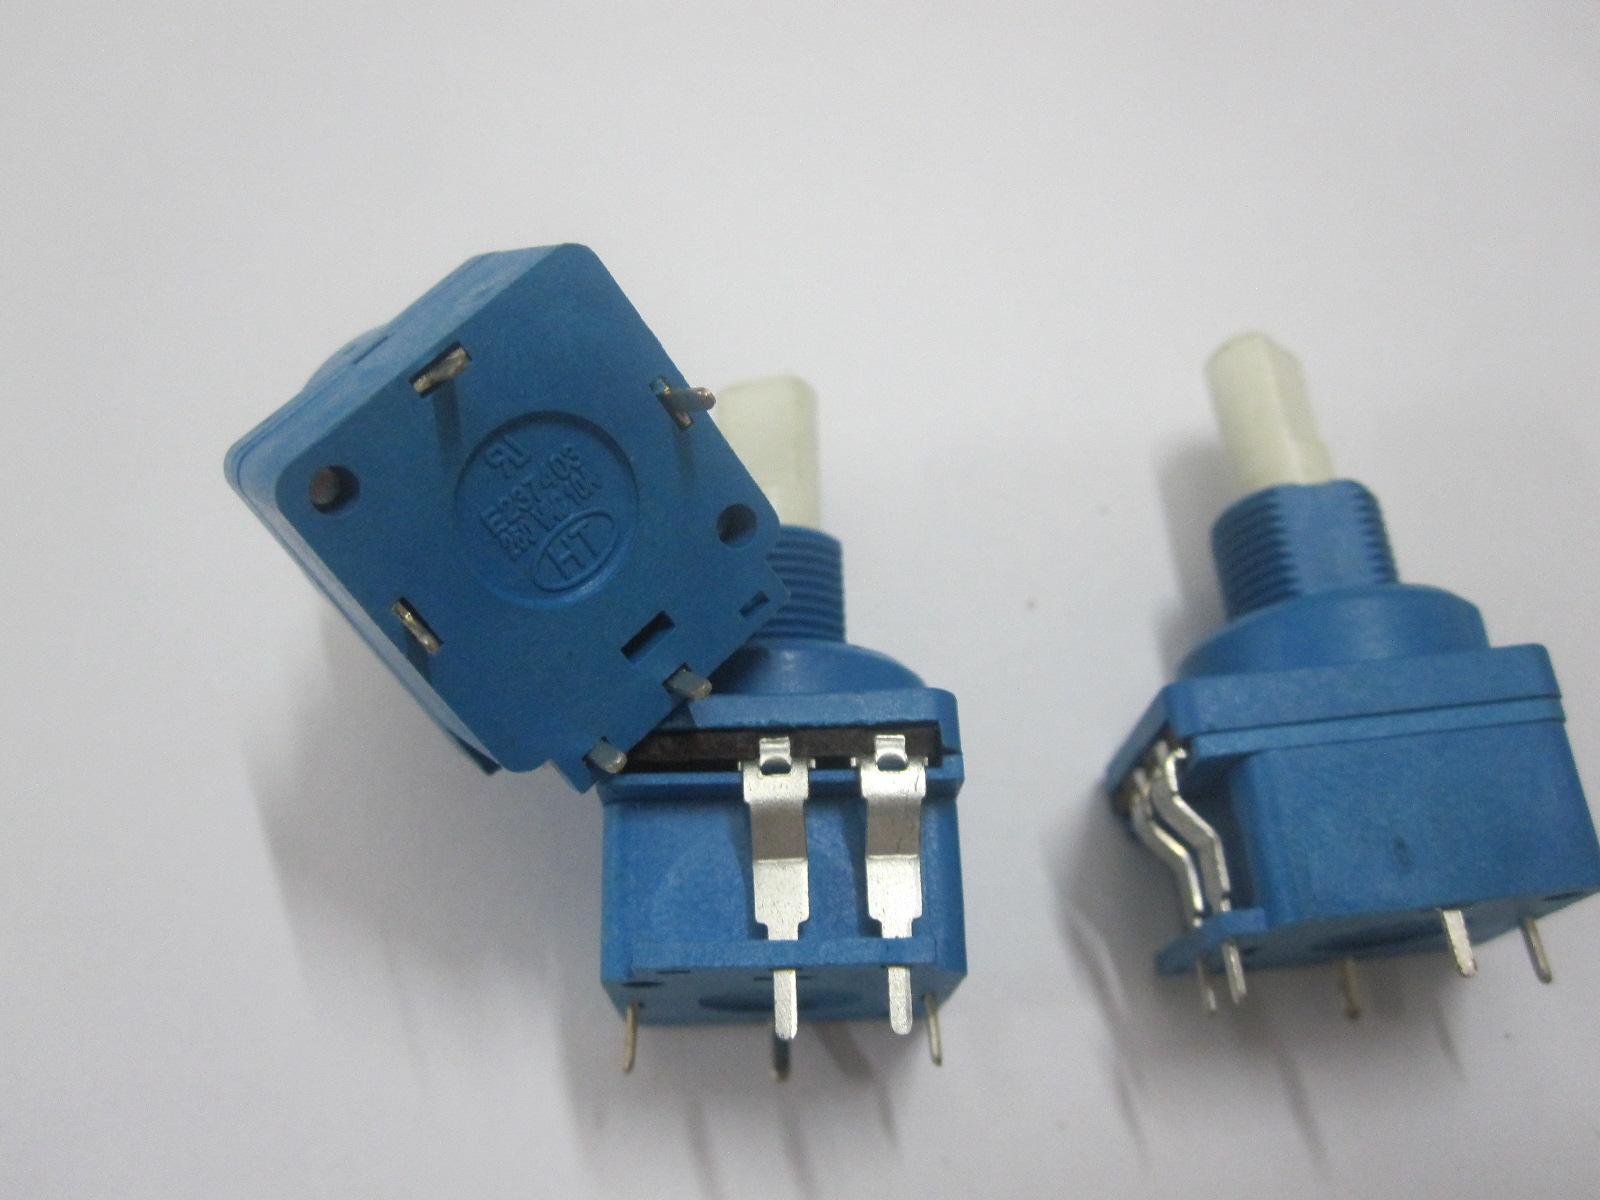 2脚按压开关电位器UL安规认证B500K塑胶柄两脚镇流器调光器灯饰件